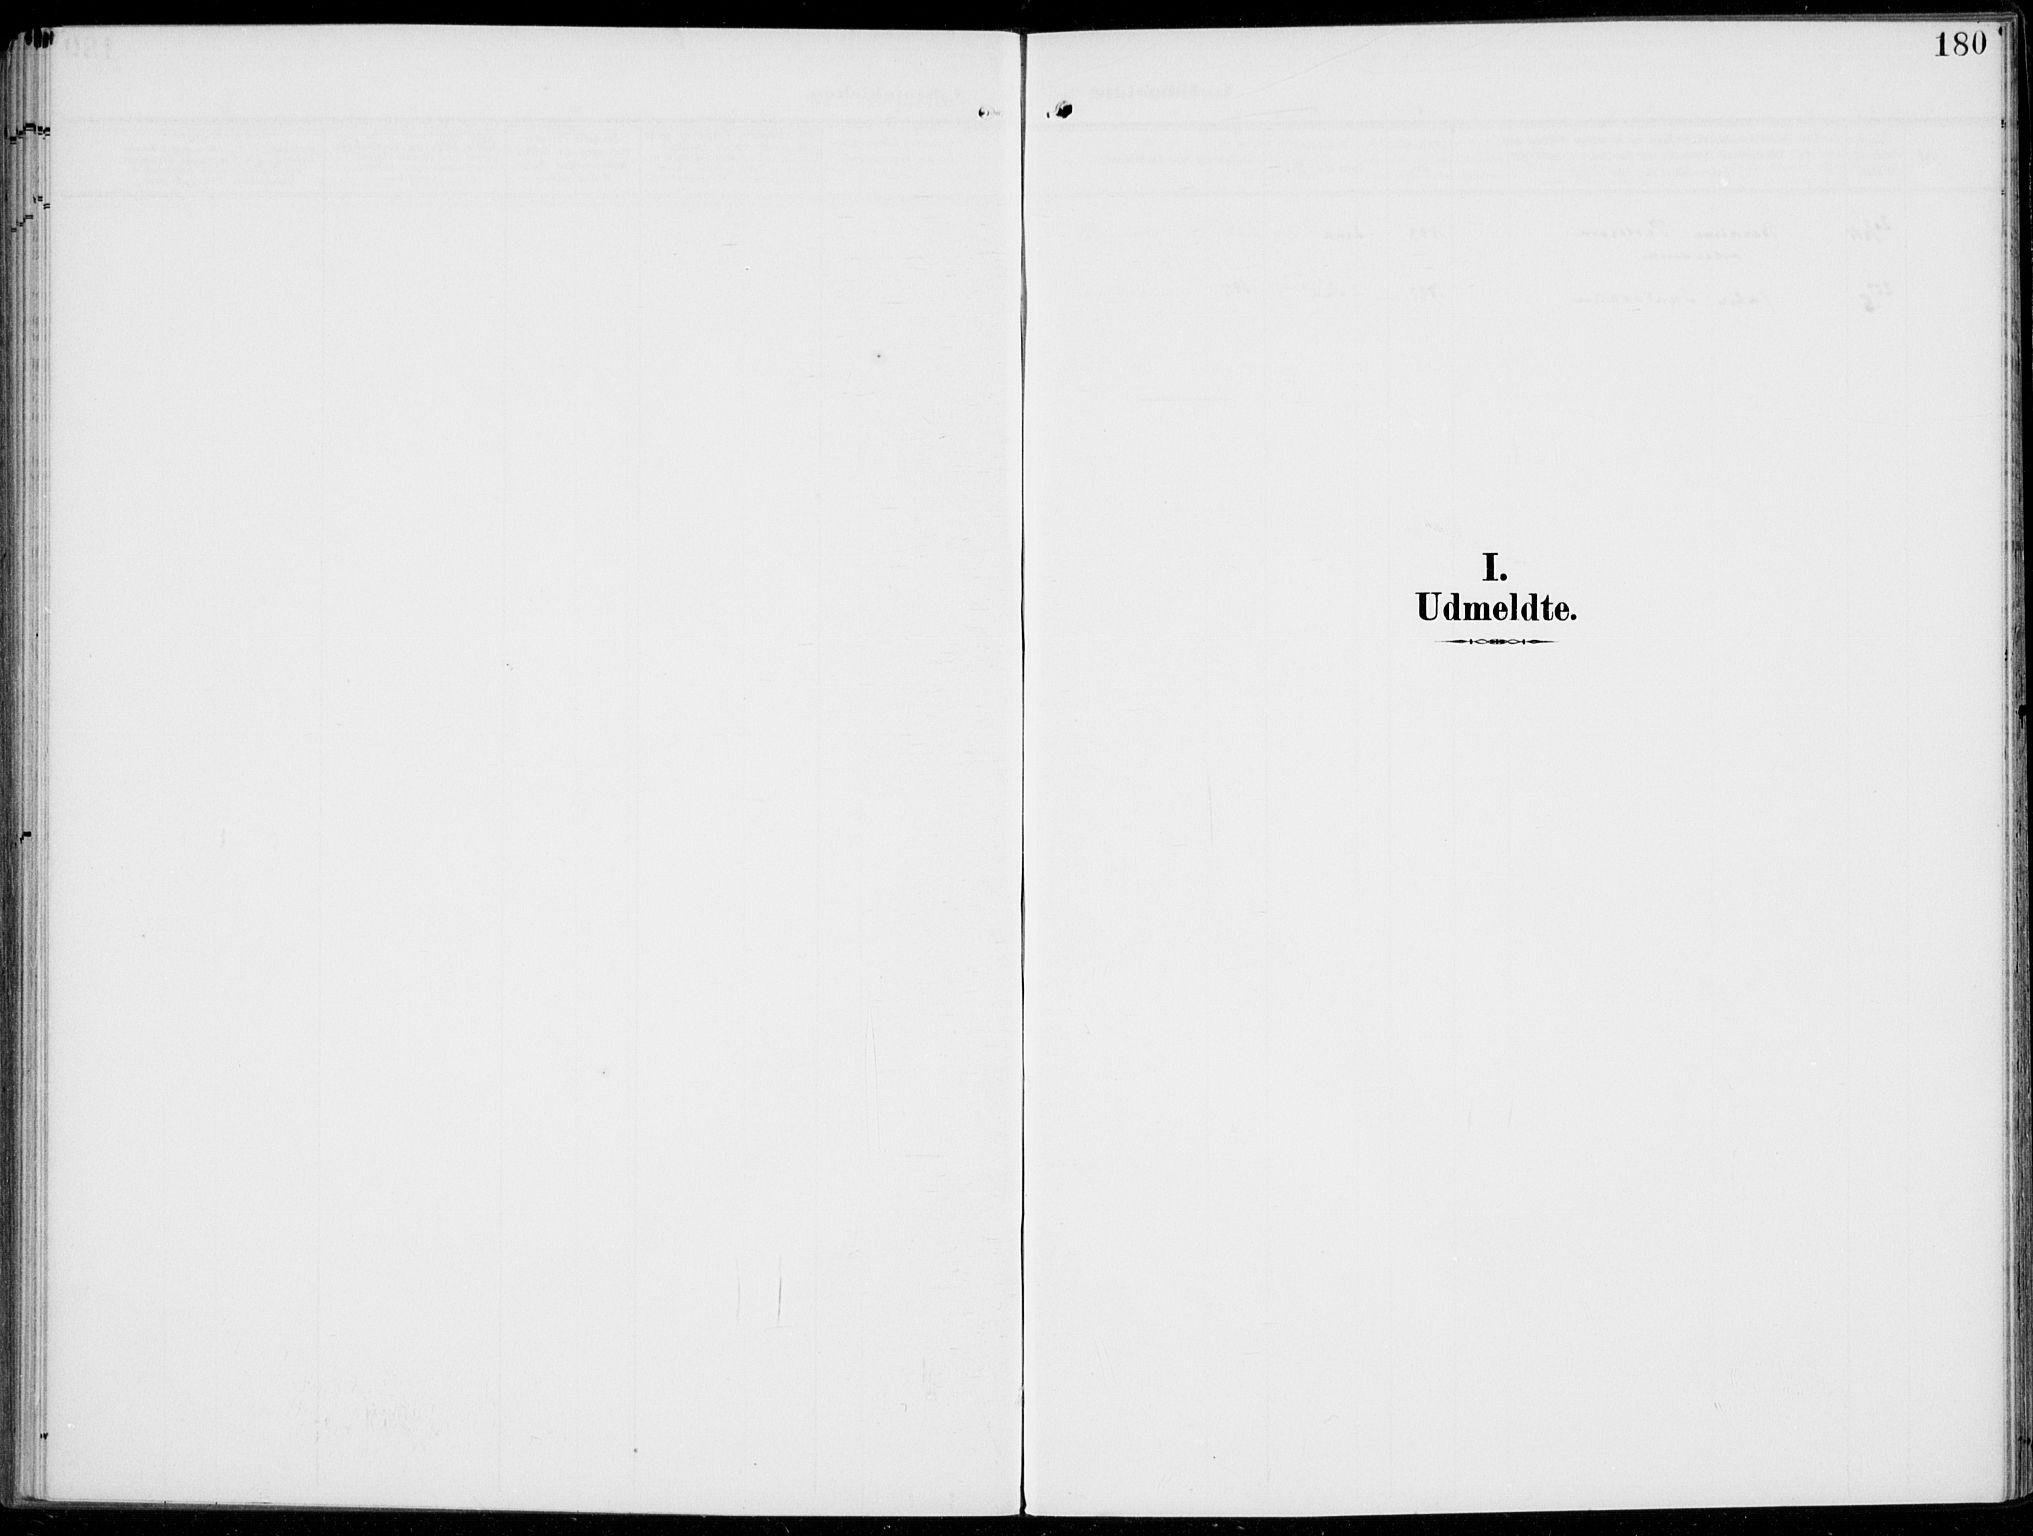 SAH, Kolbu prestekontor, Ministerialbok nr. 1, 1907-1923, s. 180